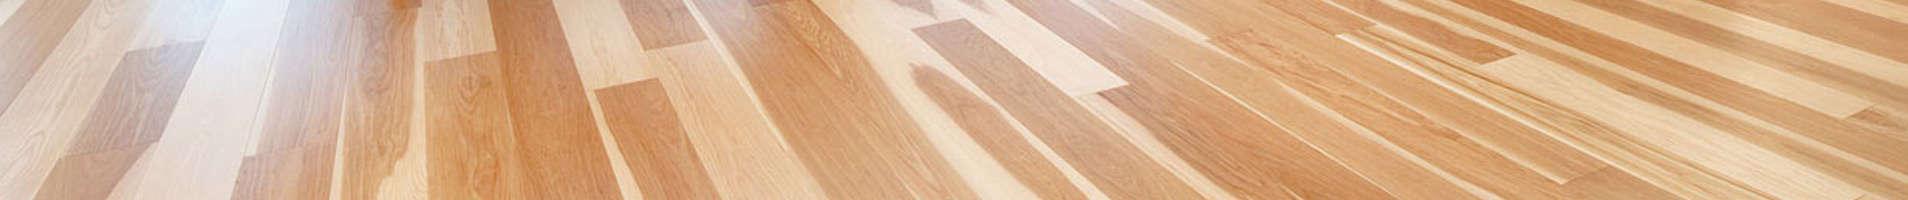 hardwood-flooring-philadelphia-slider-1